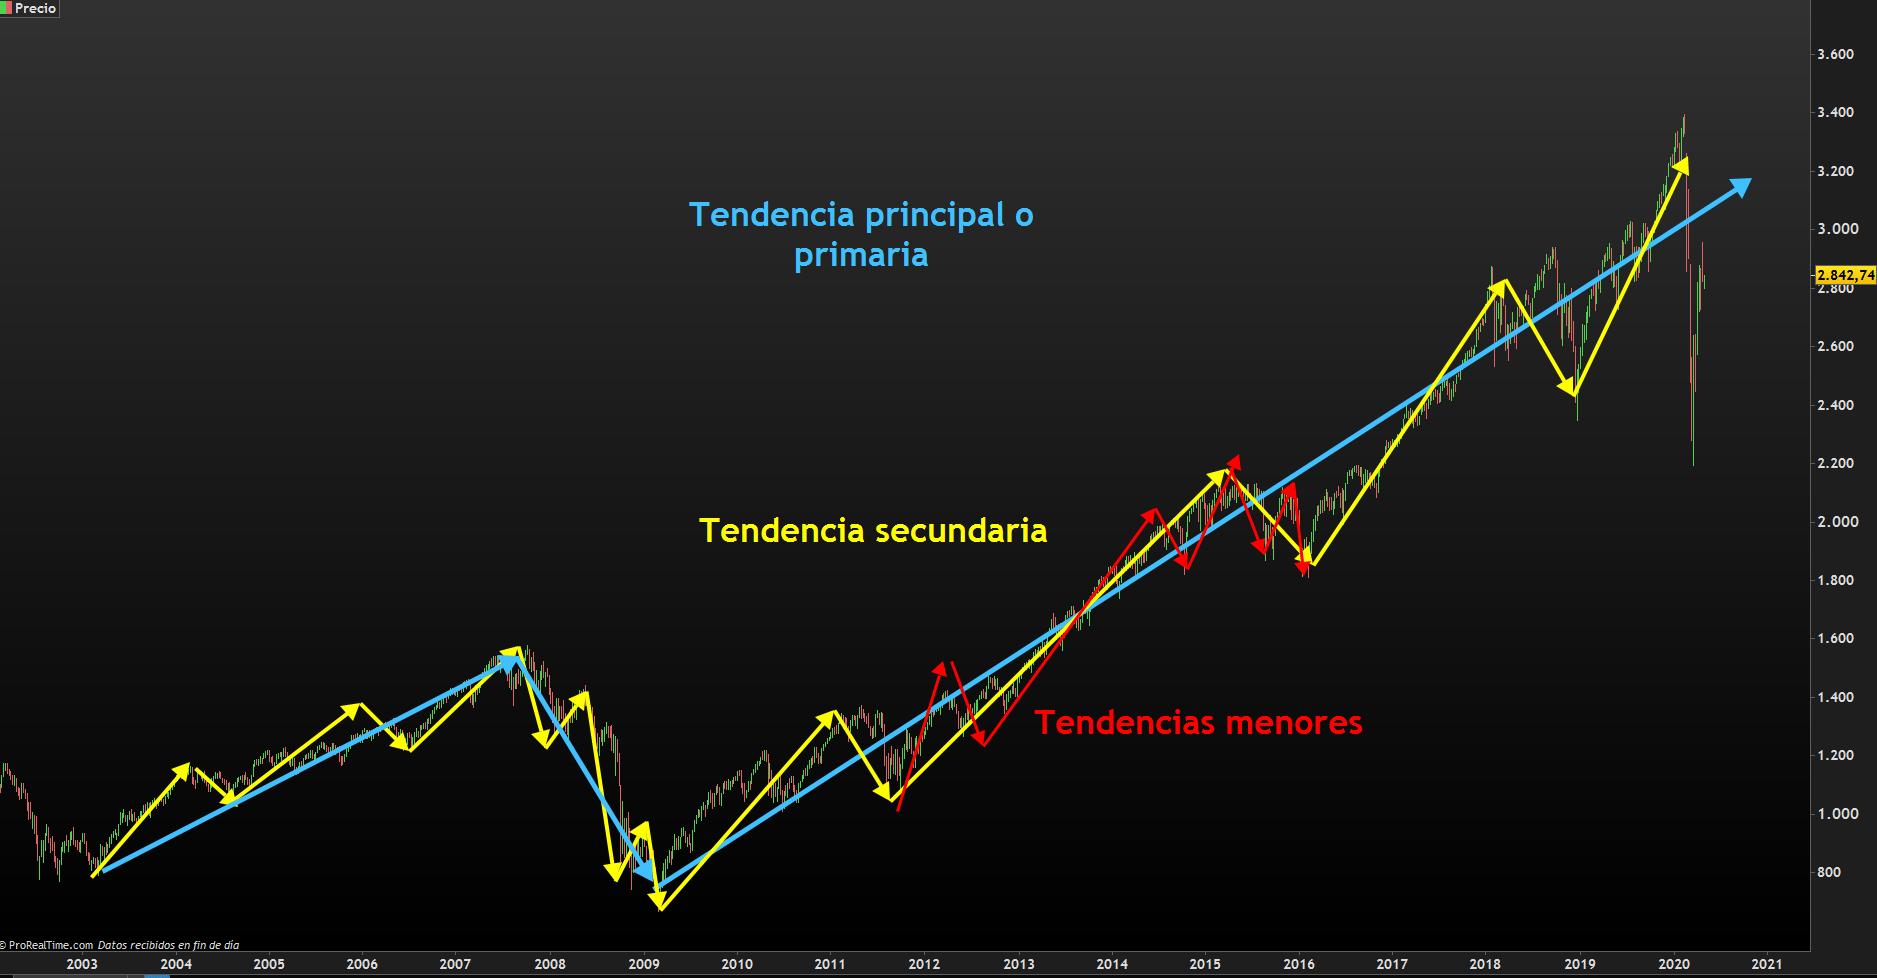 TENDENCIAS DE DOW